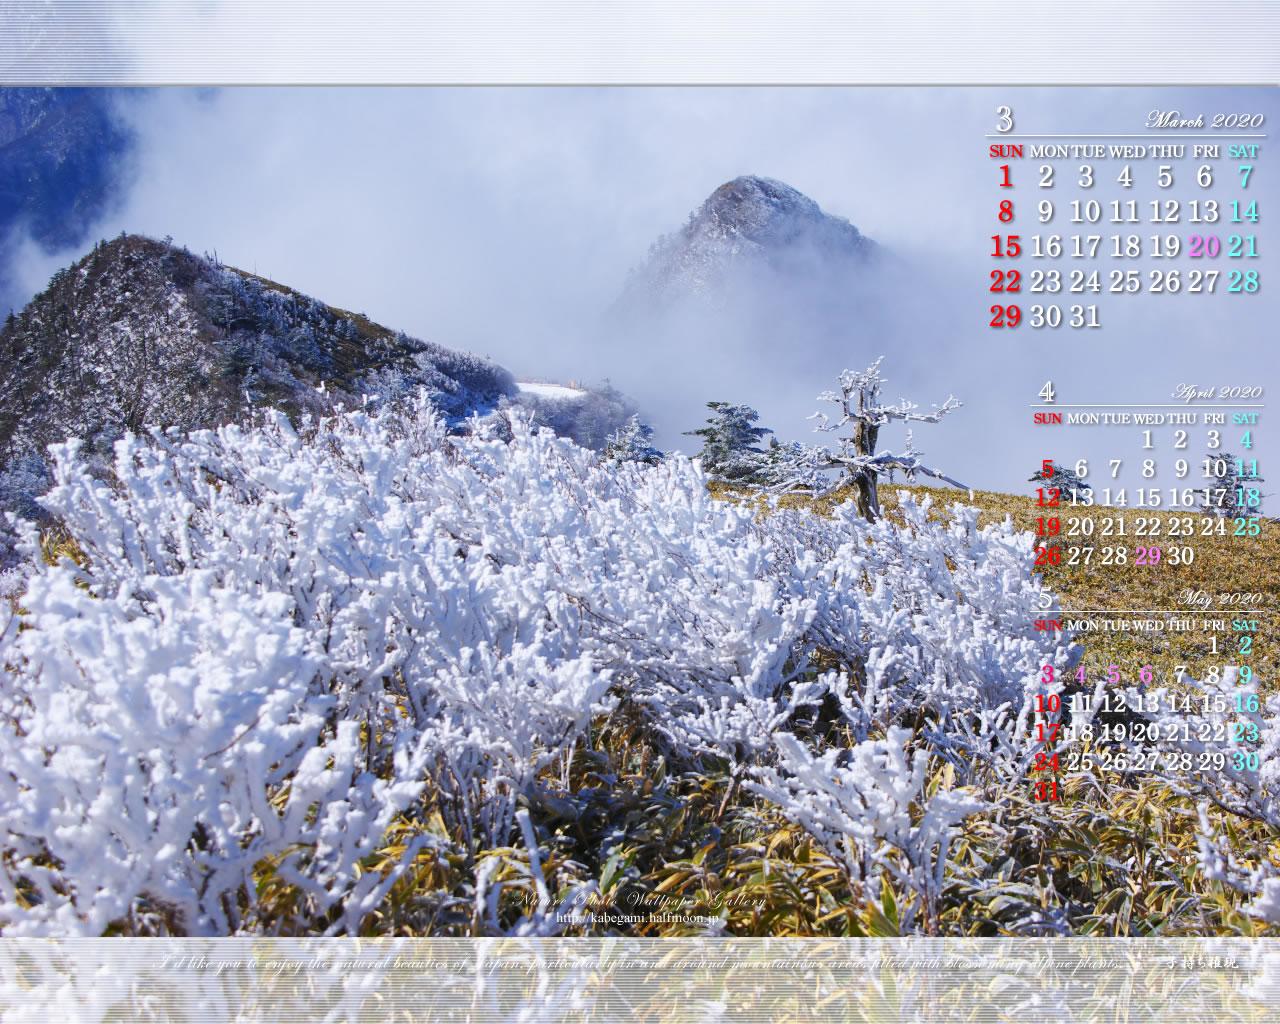 2020年3月カレンダー壁紙 山岳写真 1 ネイチャーフォト壁紙館